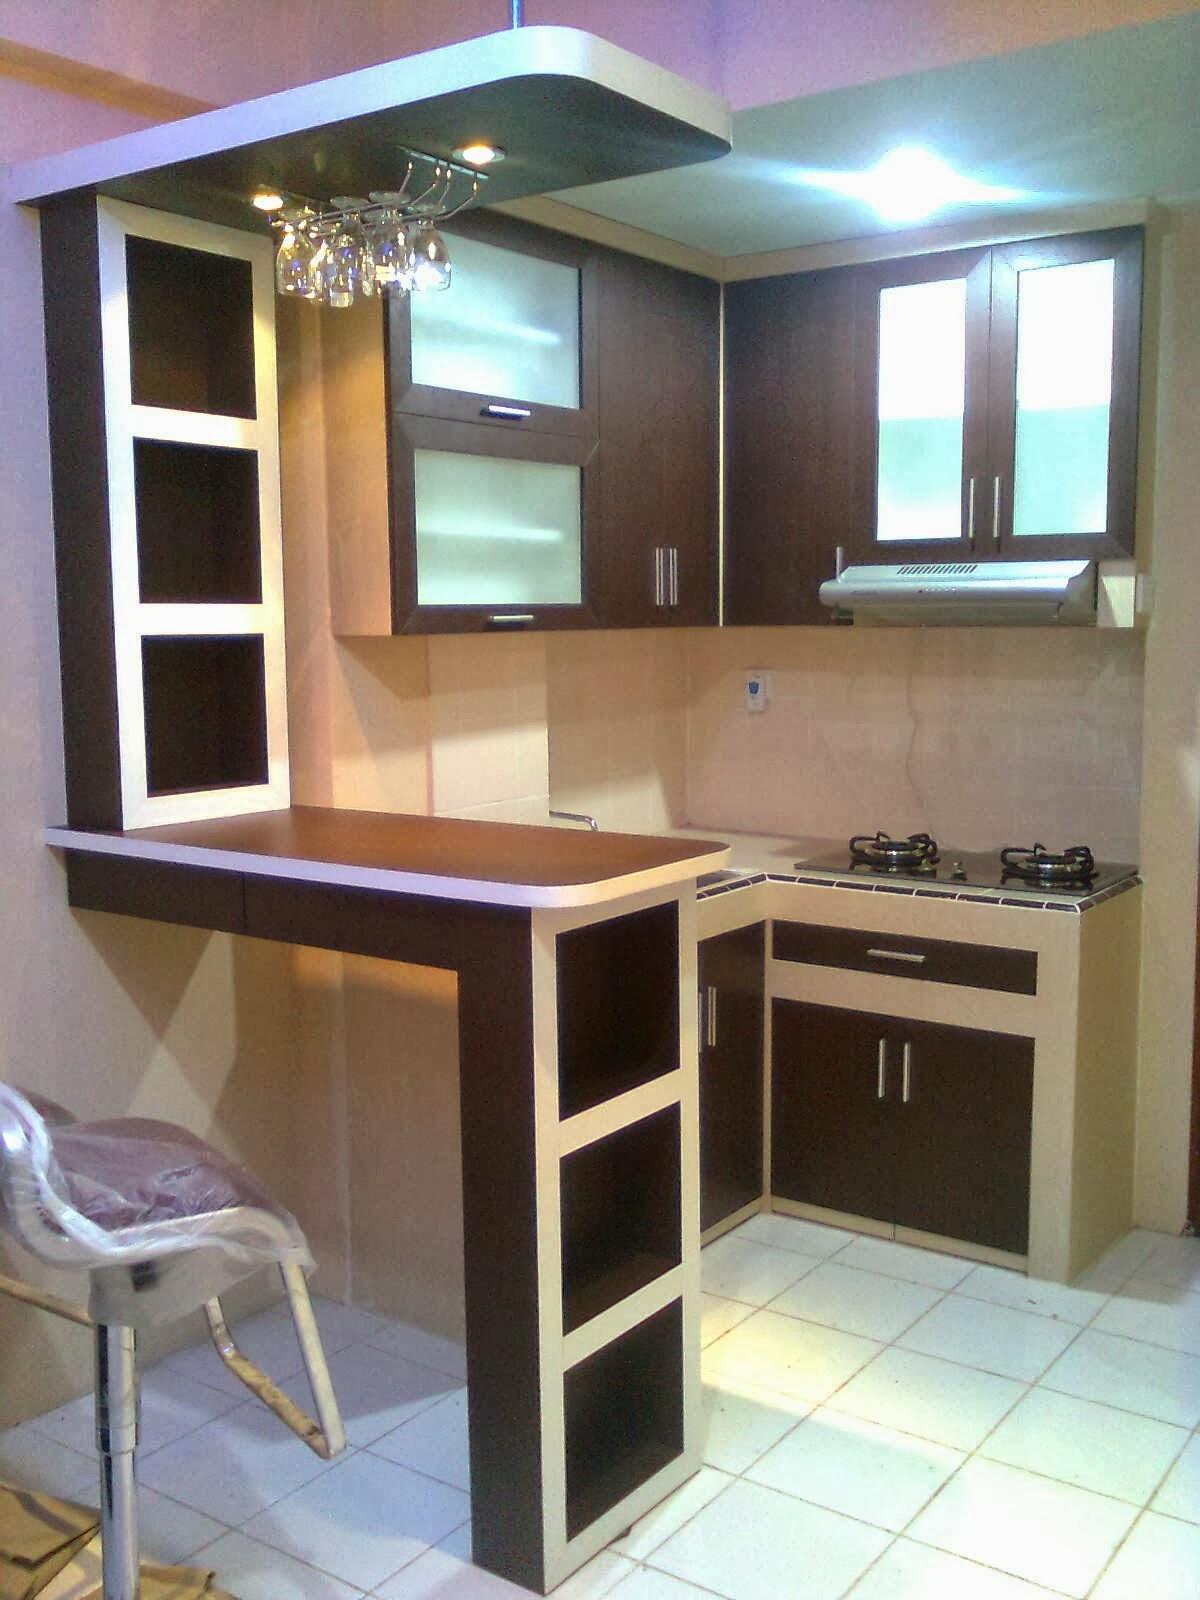 Jasa kitchen set murah tempat pembuatan kitchen set murah di bekasi jakarta depok harga kitchen set 2014 2015 2016 desain kitchen set dapur cantik 11 jpg